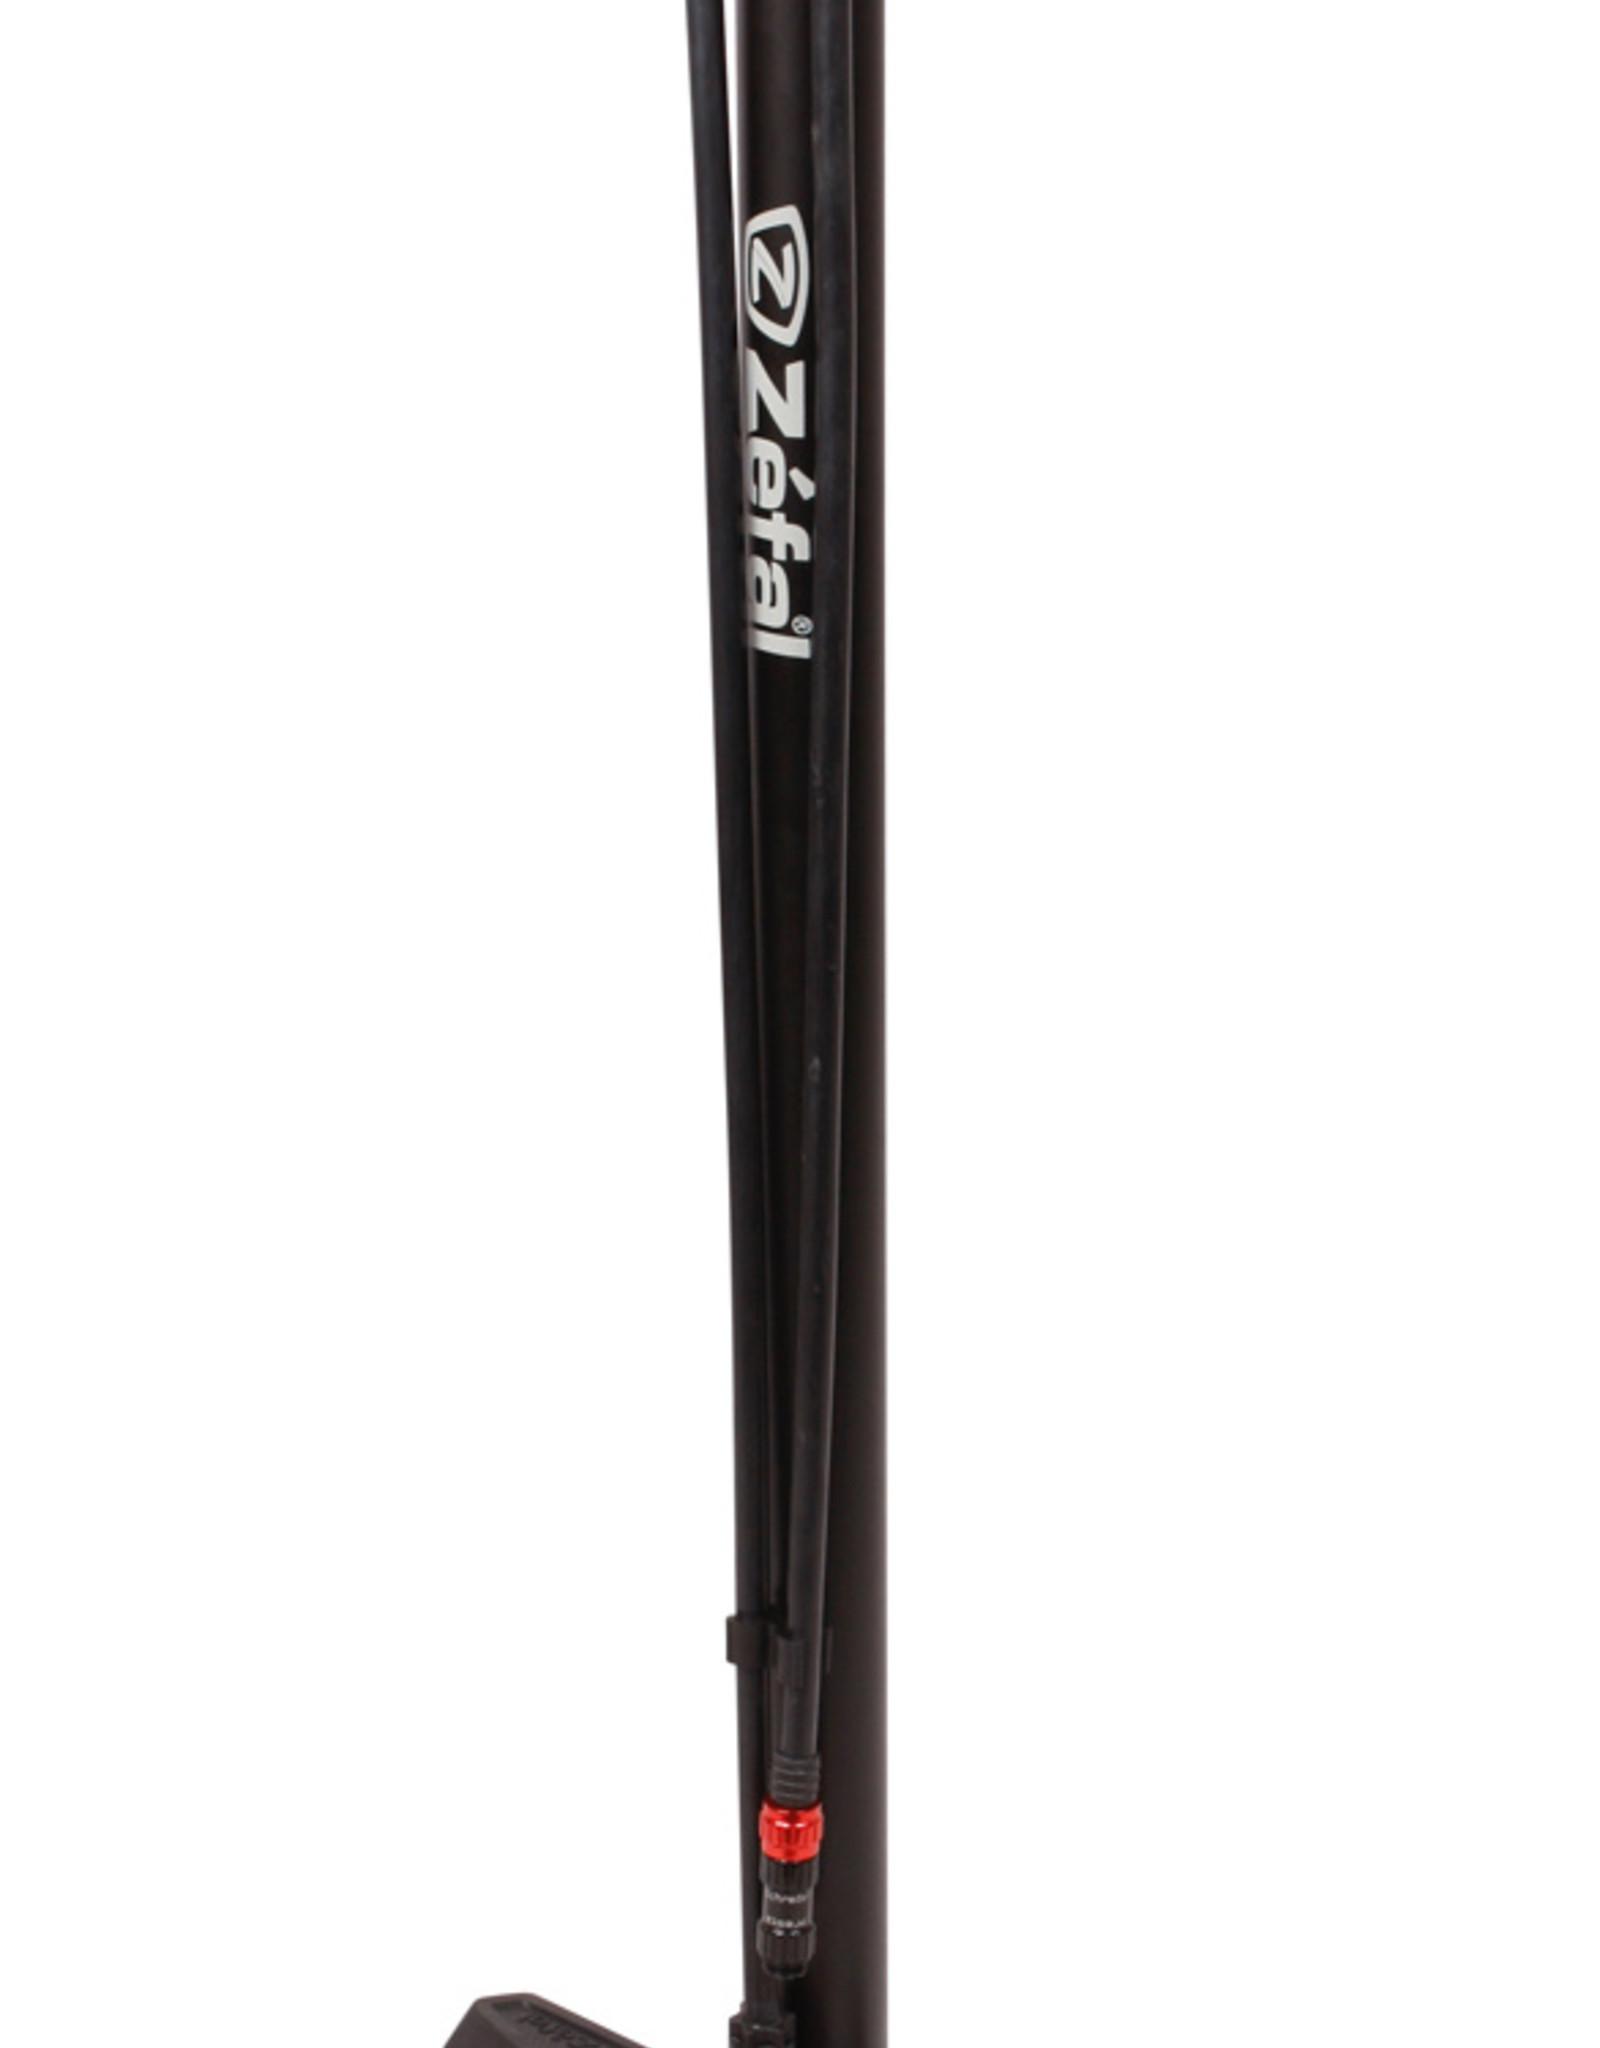 Zefal Profil Max FP60 Z Turn Track Pump